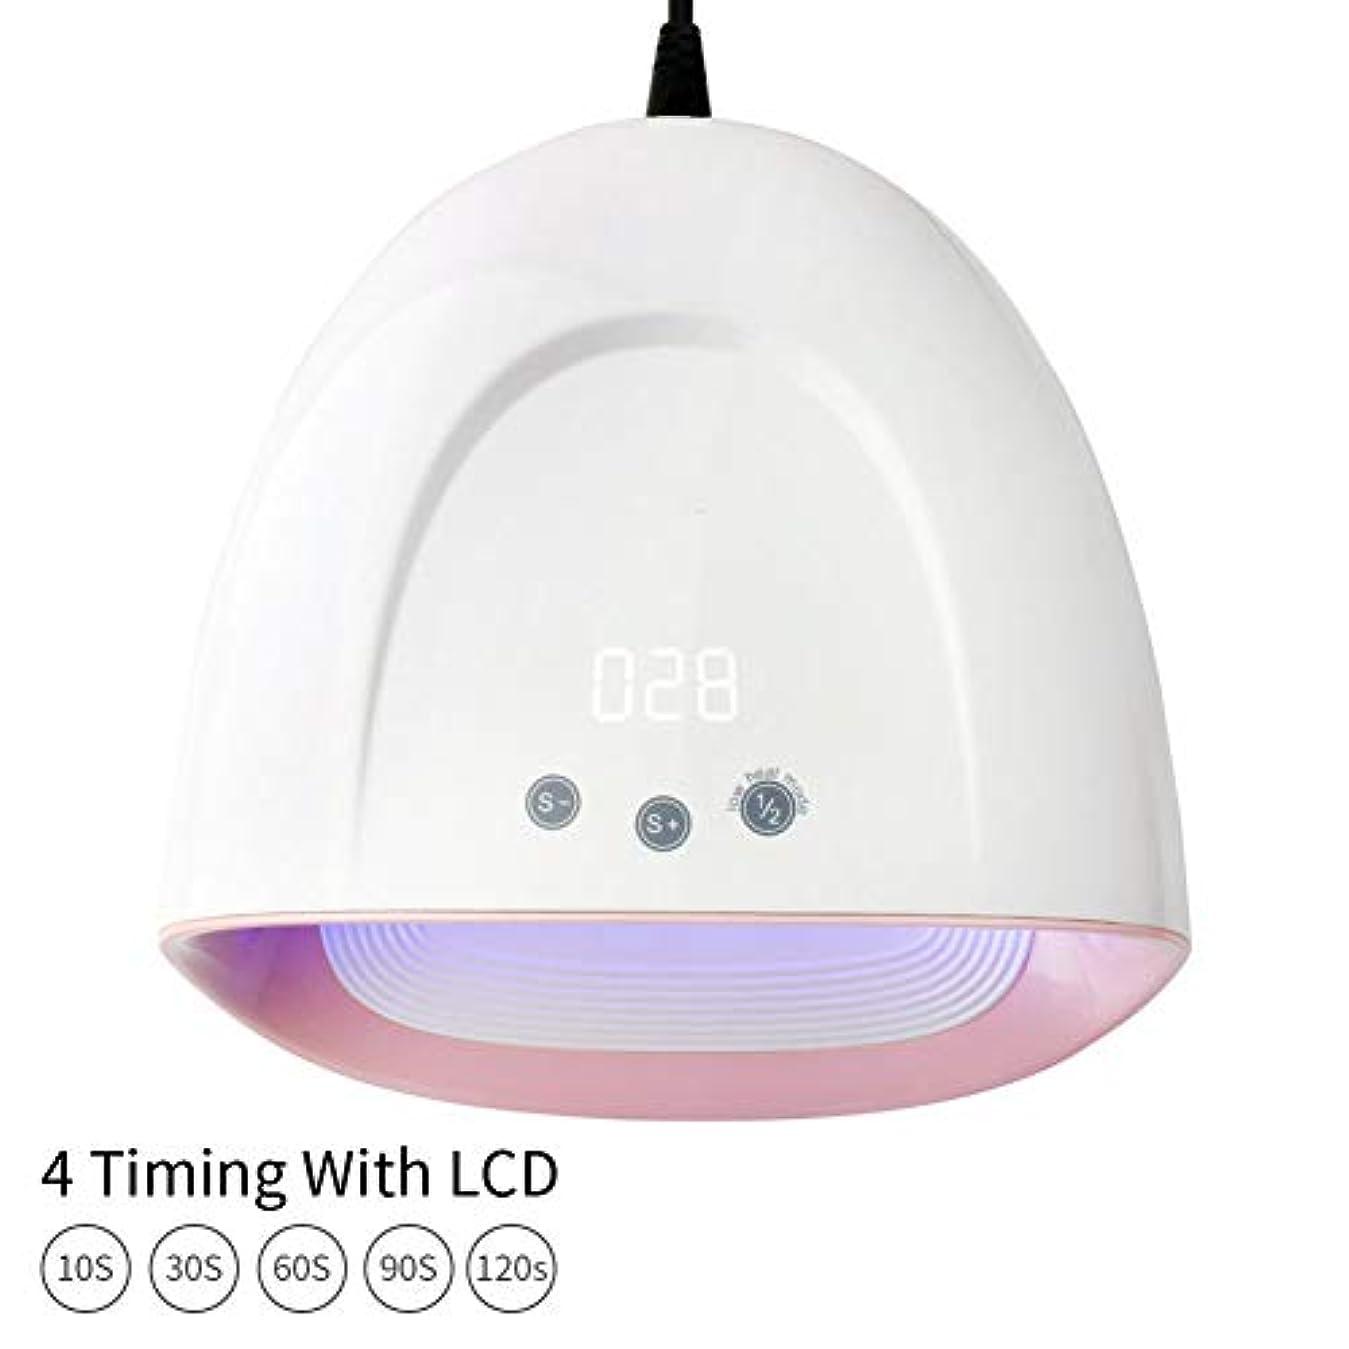 類人猿変更浸したネイルドライヤー - LED光線療法ネイルマシン60Wマルチタイムタイミング33ランプビーズ4スピードタイミング接着剤隠しデジタルスクリーン